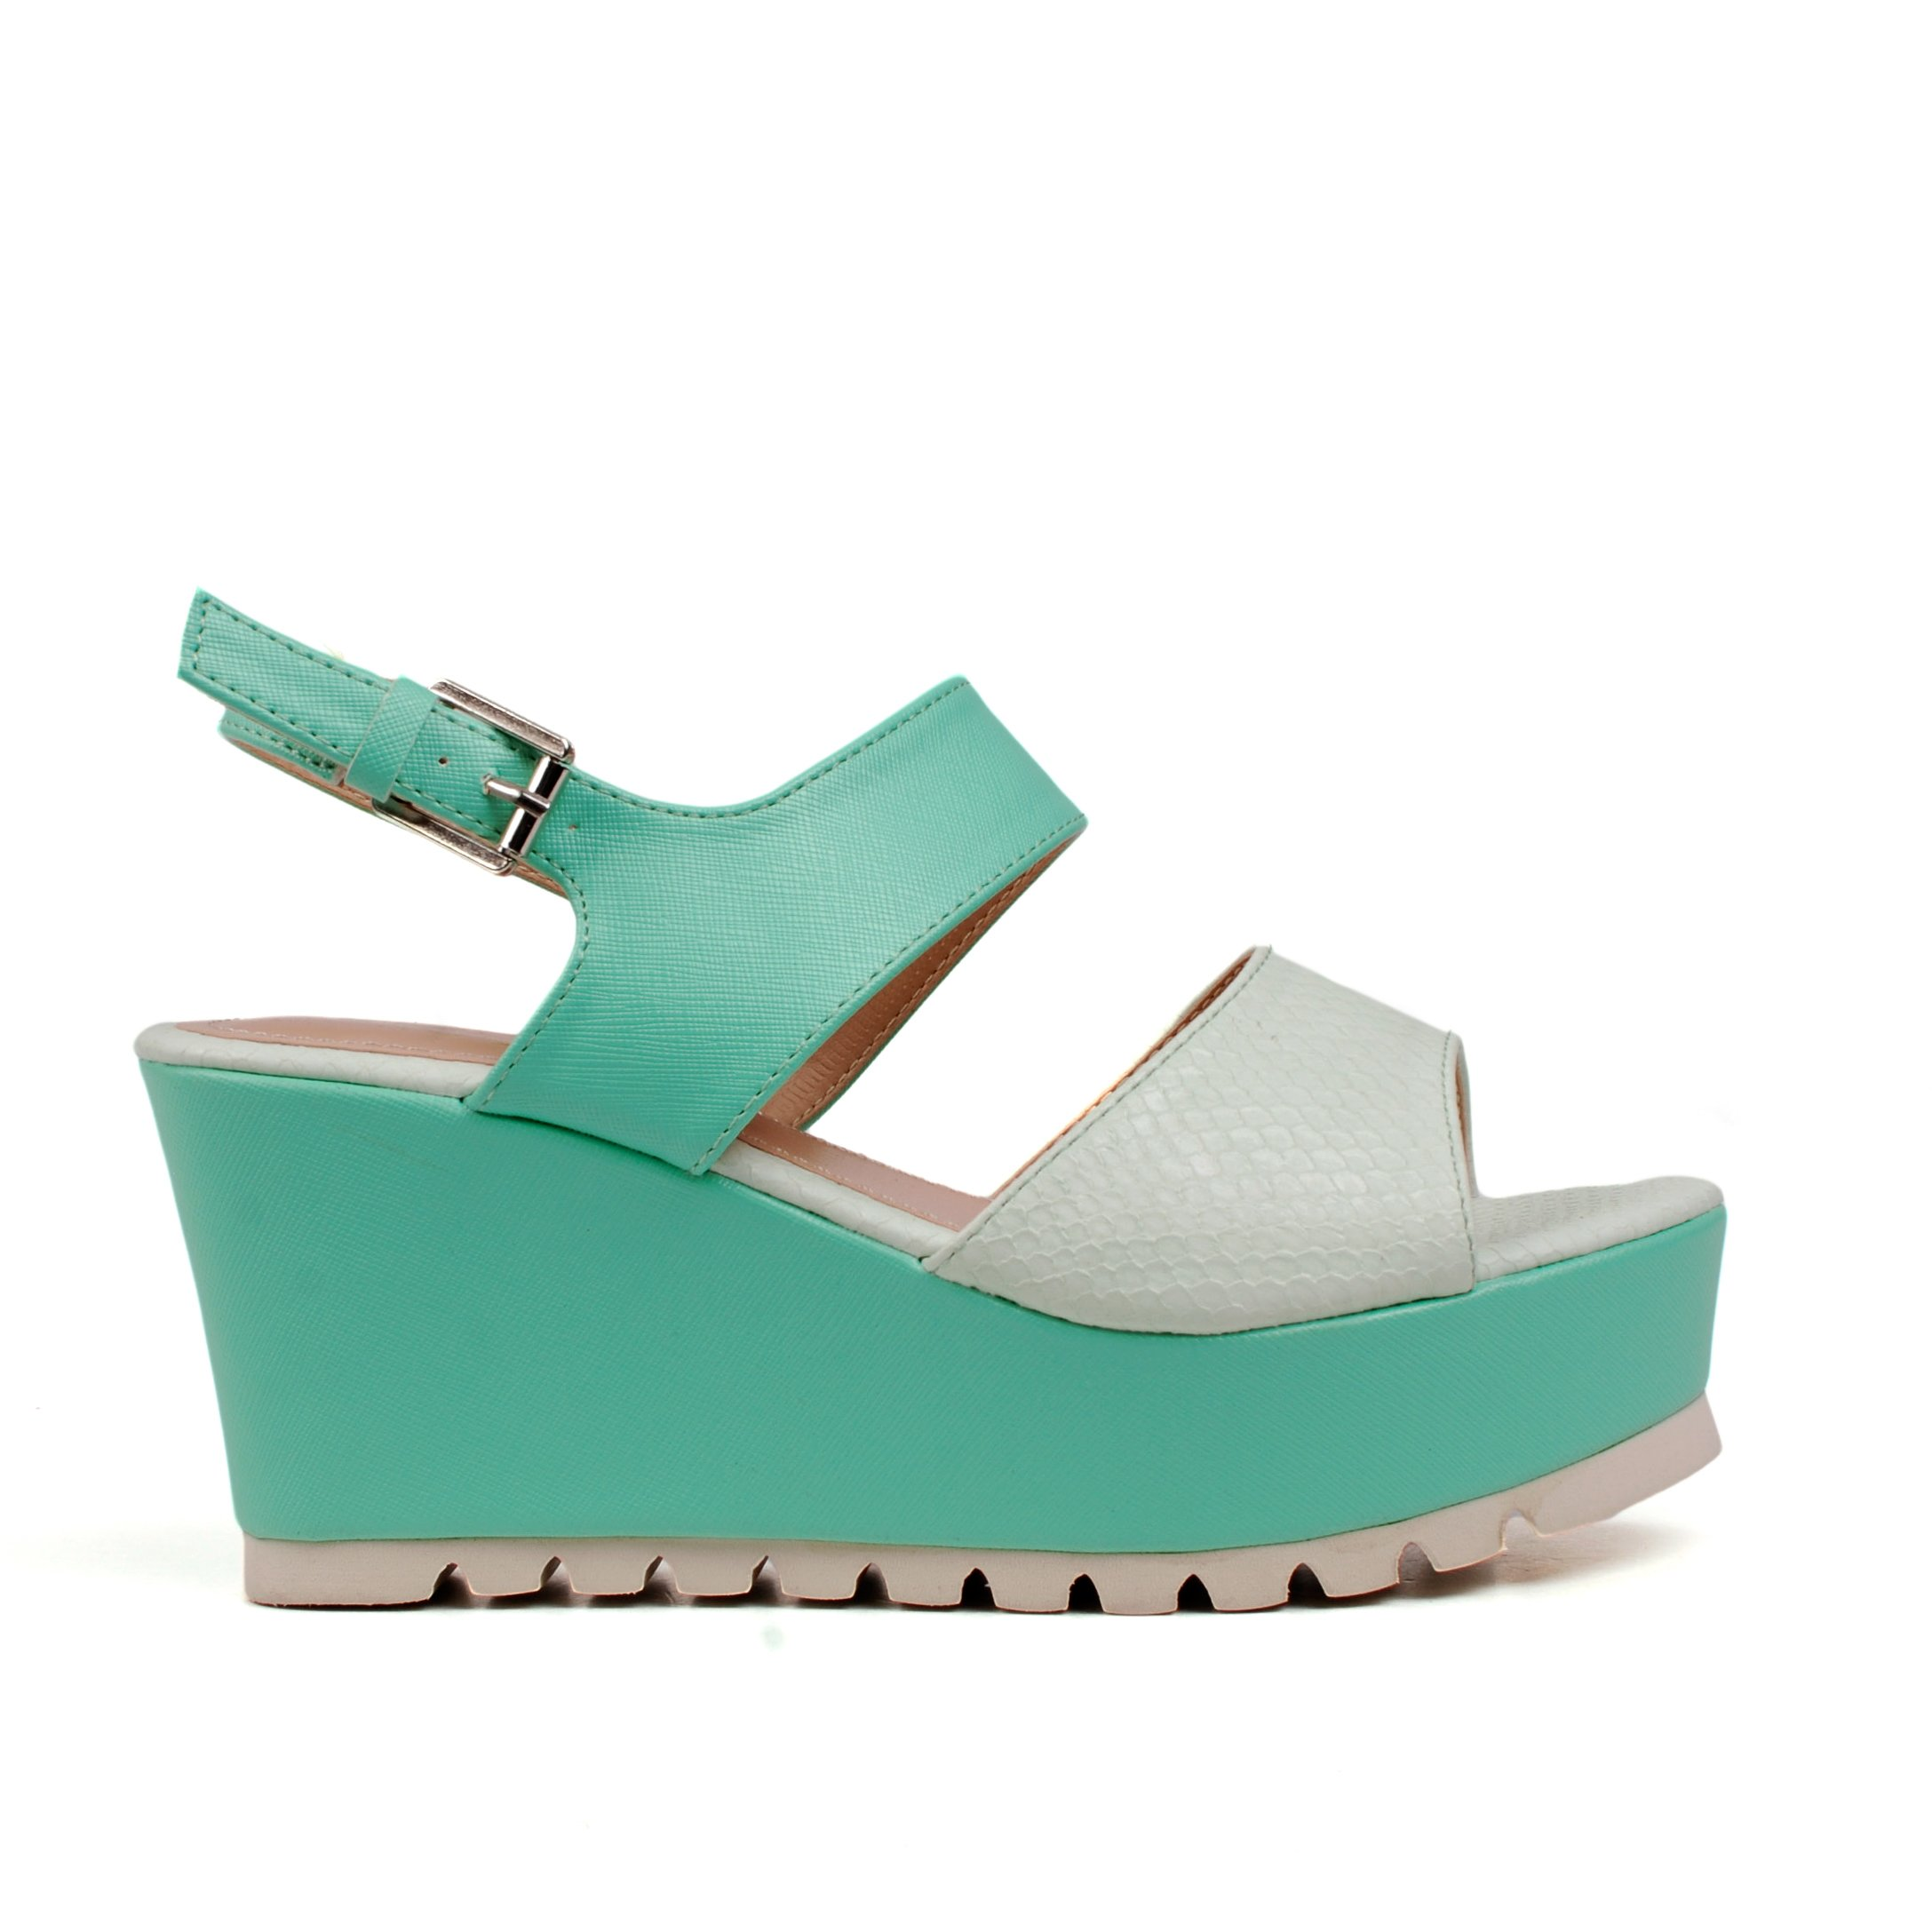 Sandale dama R163 verzi